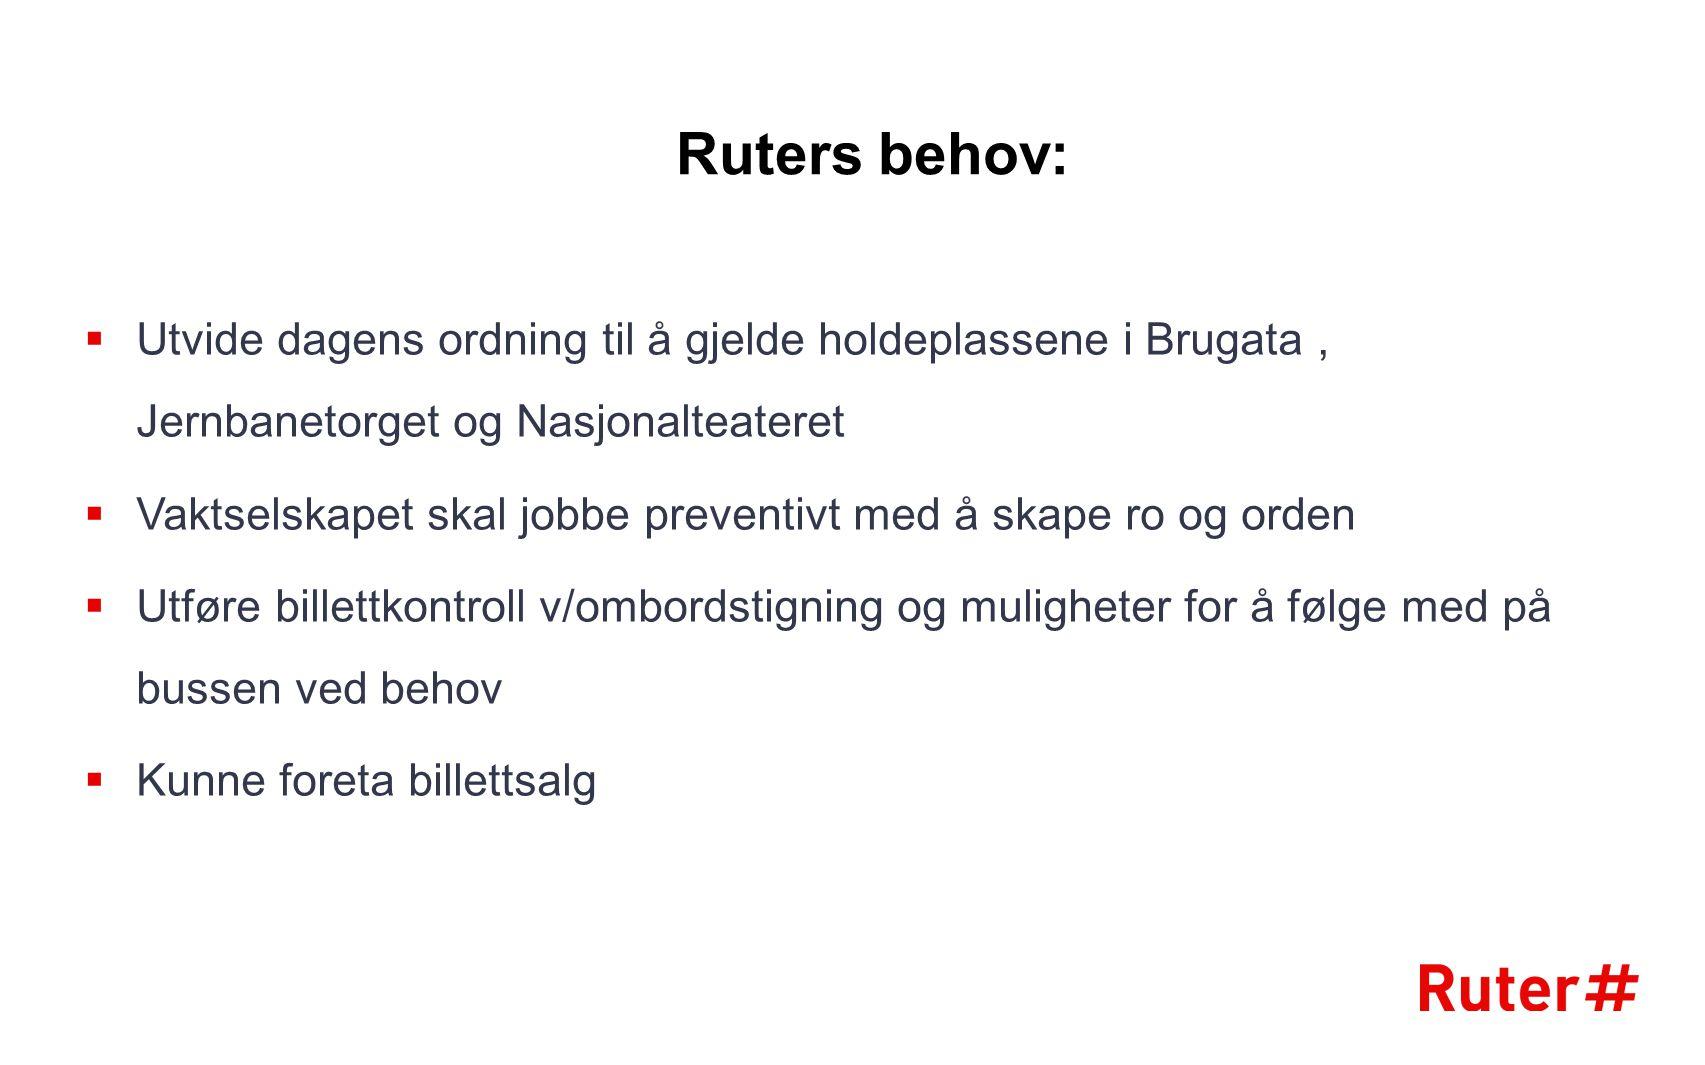 Ruters behov: Utvide dagens ordning til å gjelde holdeplassene i Brugata , Jernbanetorget og Nasjonalteateret.